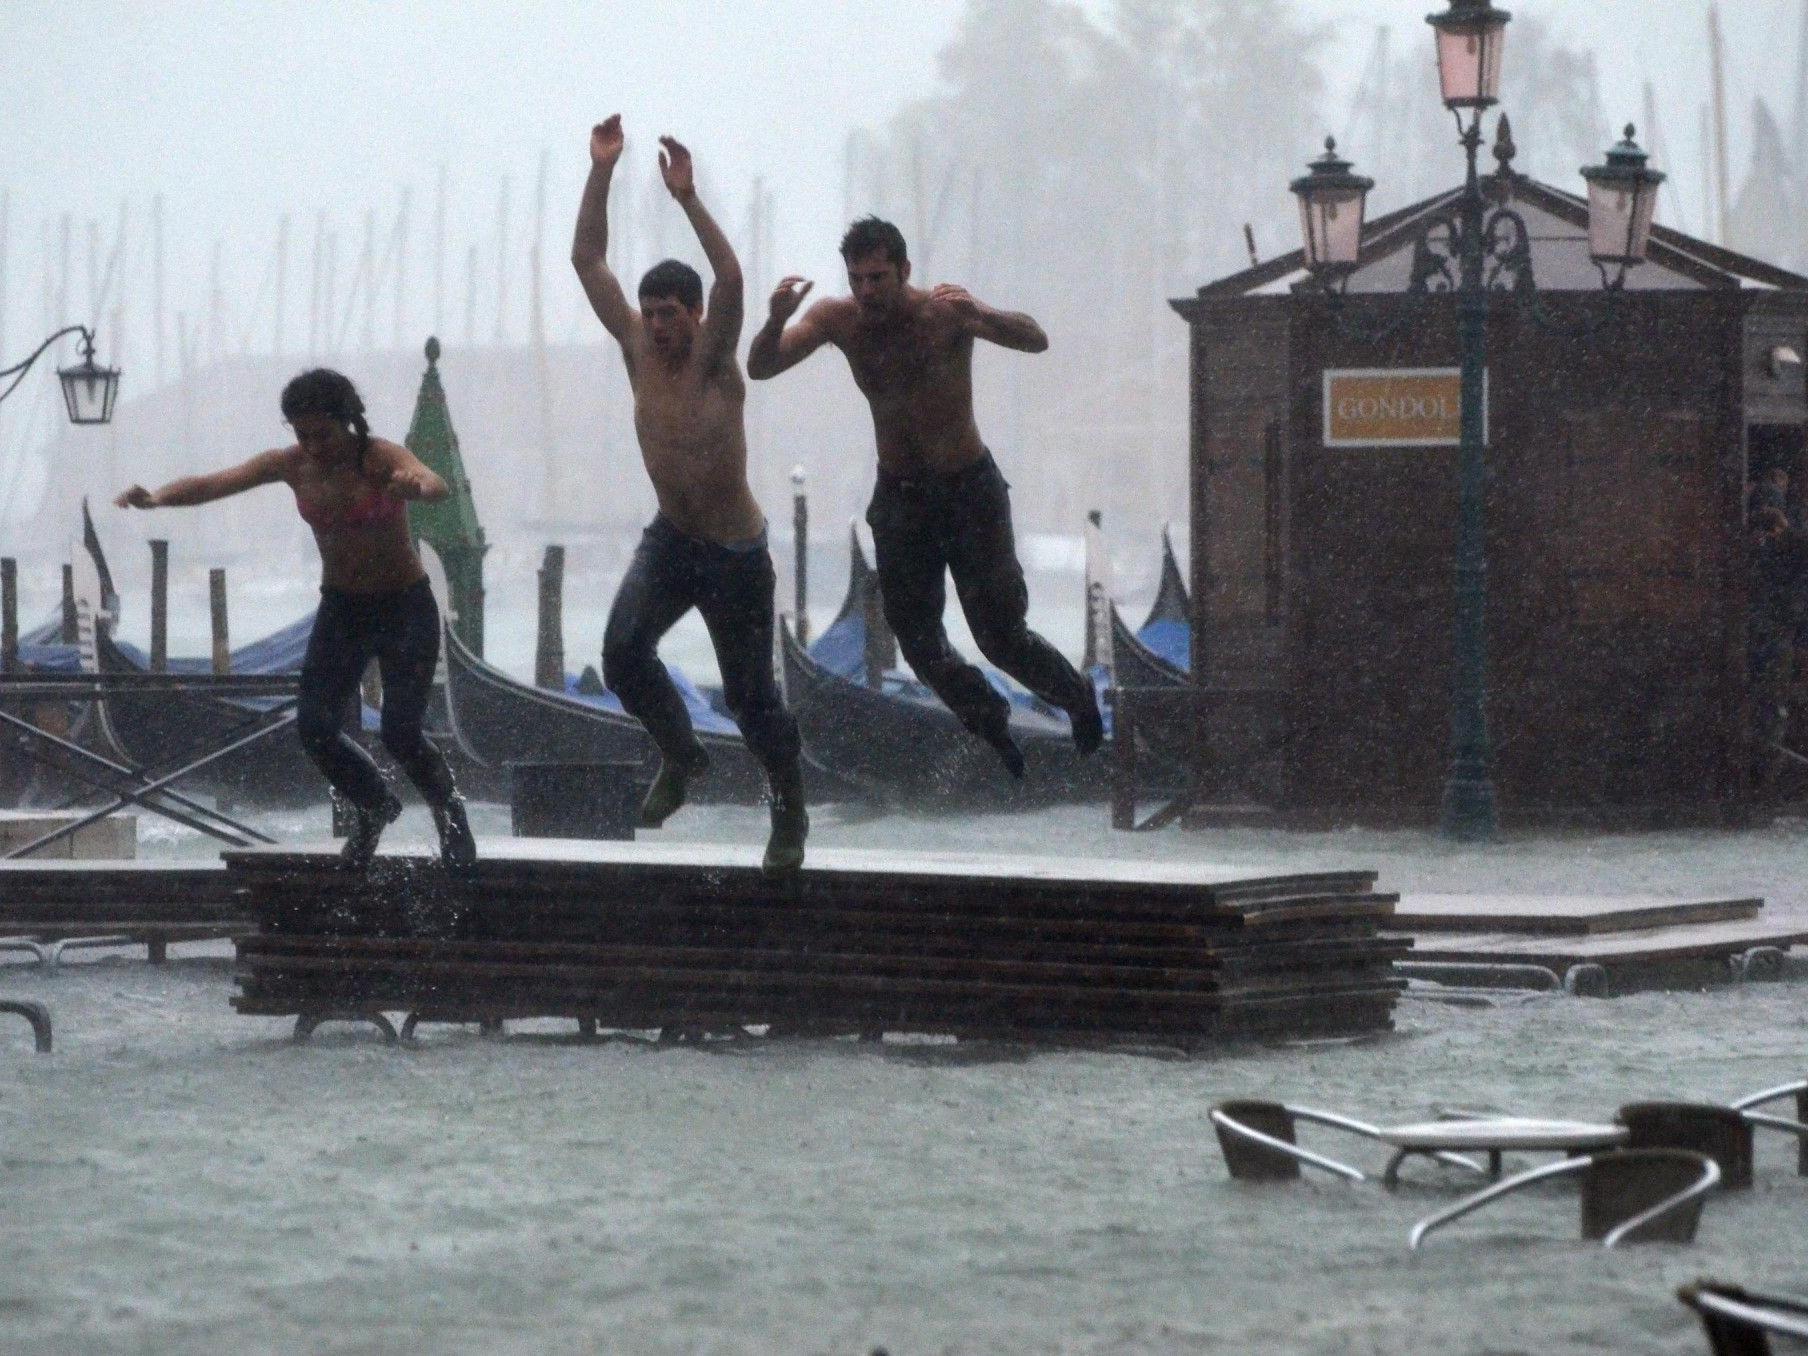 Das Hochwasser in Venedig nutzten einige Touristen, um auf dem Markusplatz zu baden.